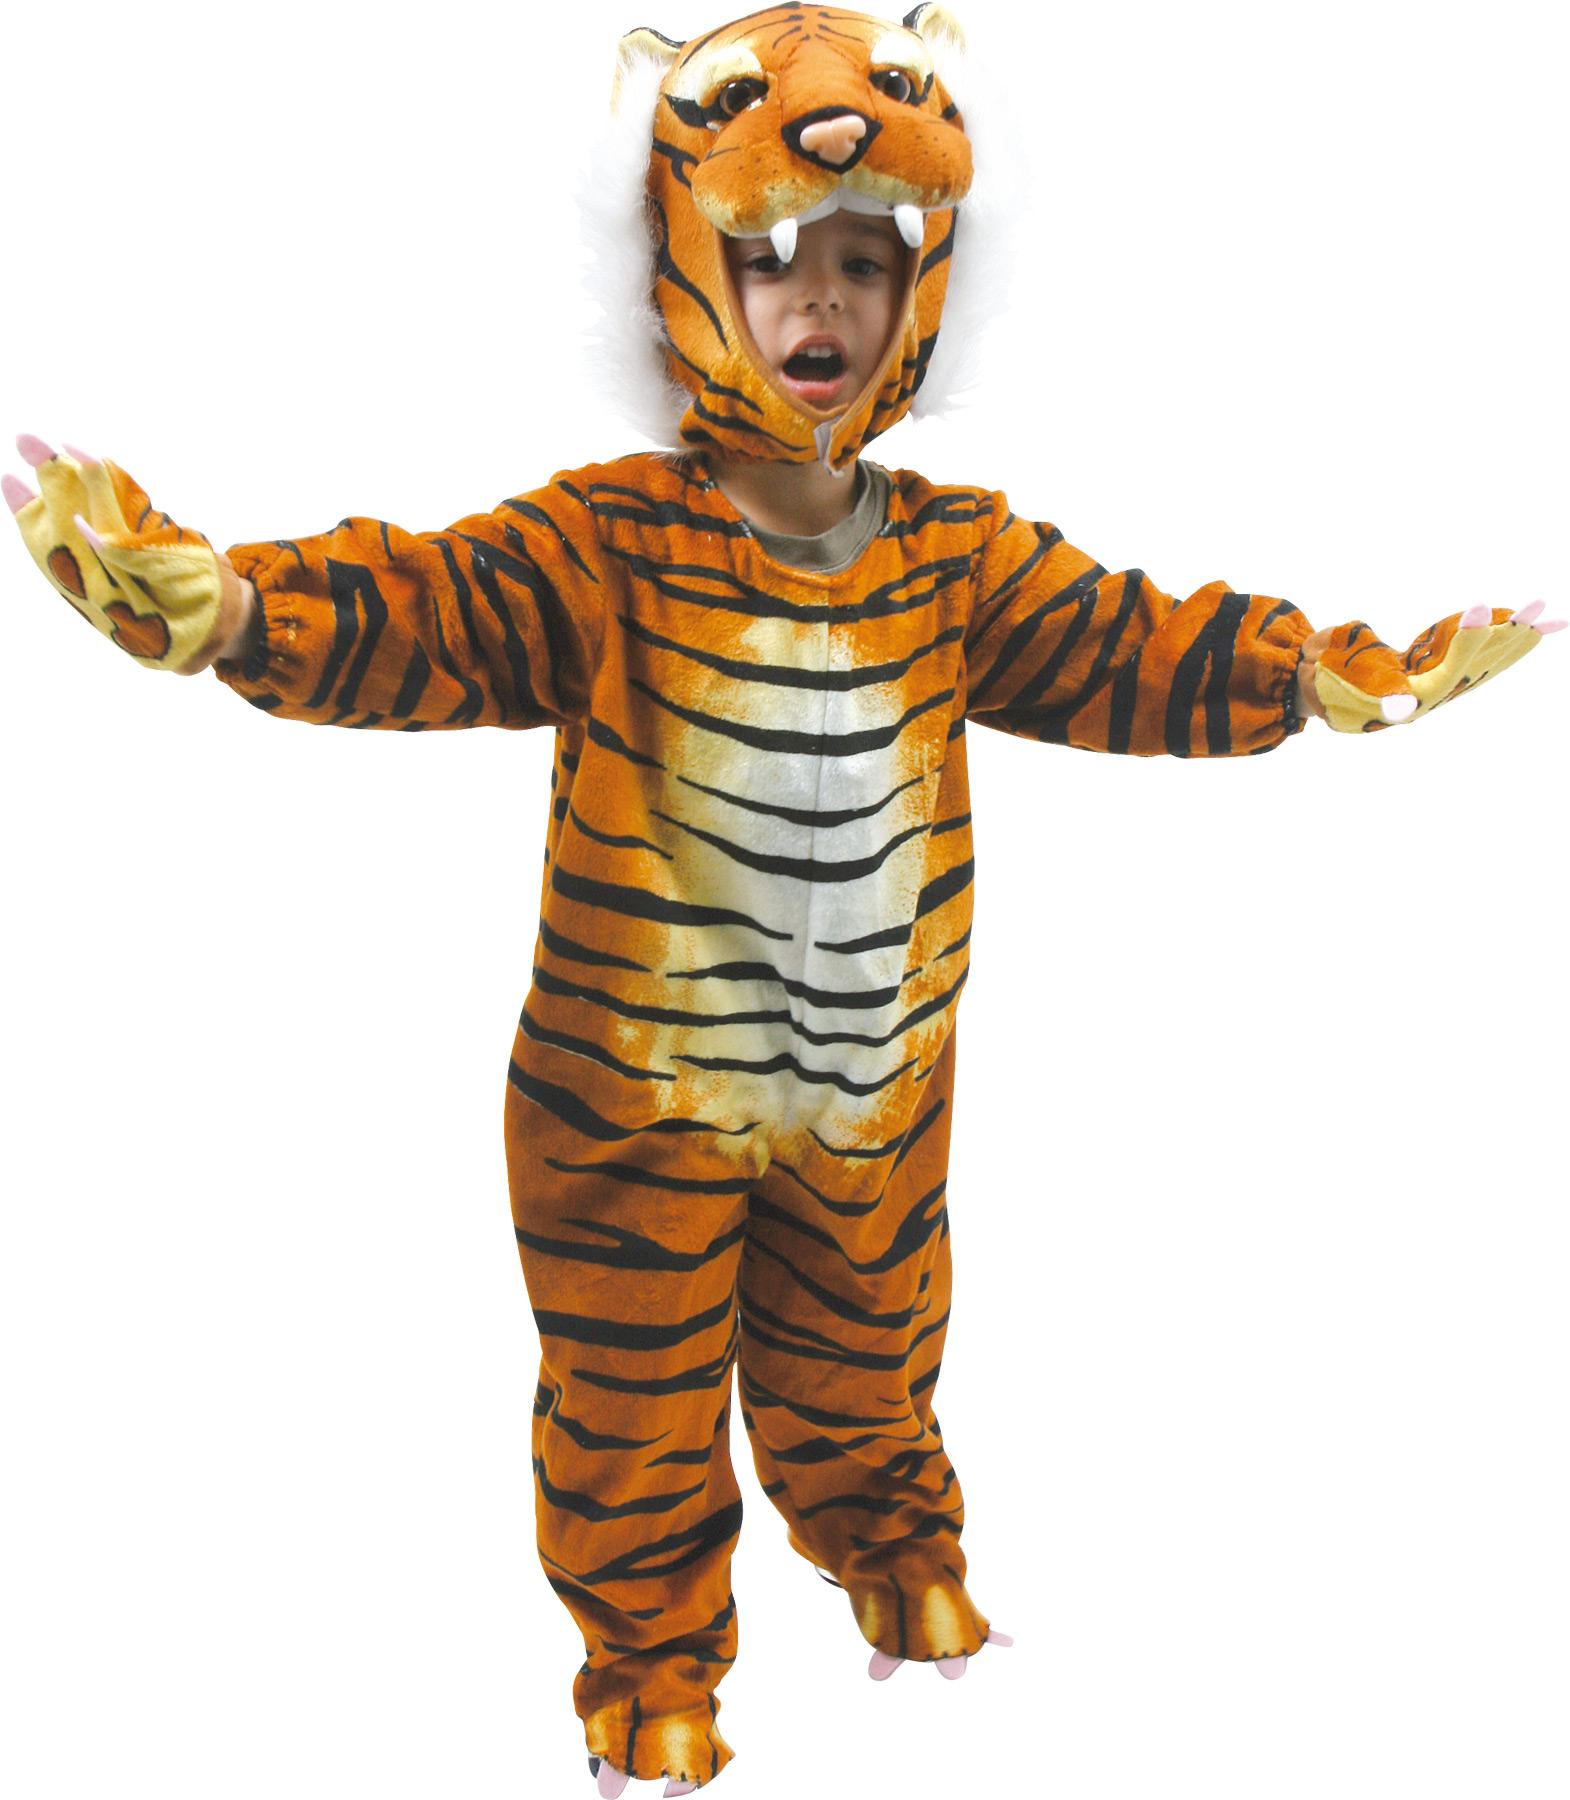 Karnavalinis kostiumas SMALL FOOT Tigras vaikams nuo 2 metų (5630)